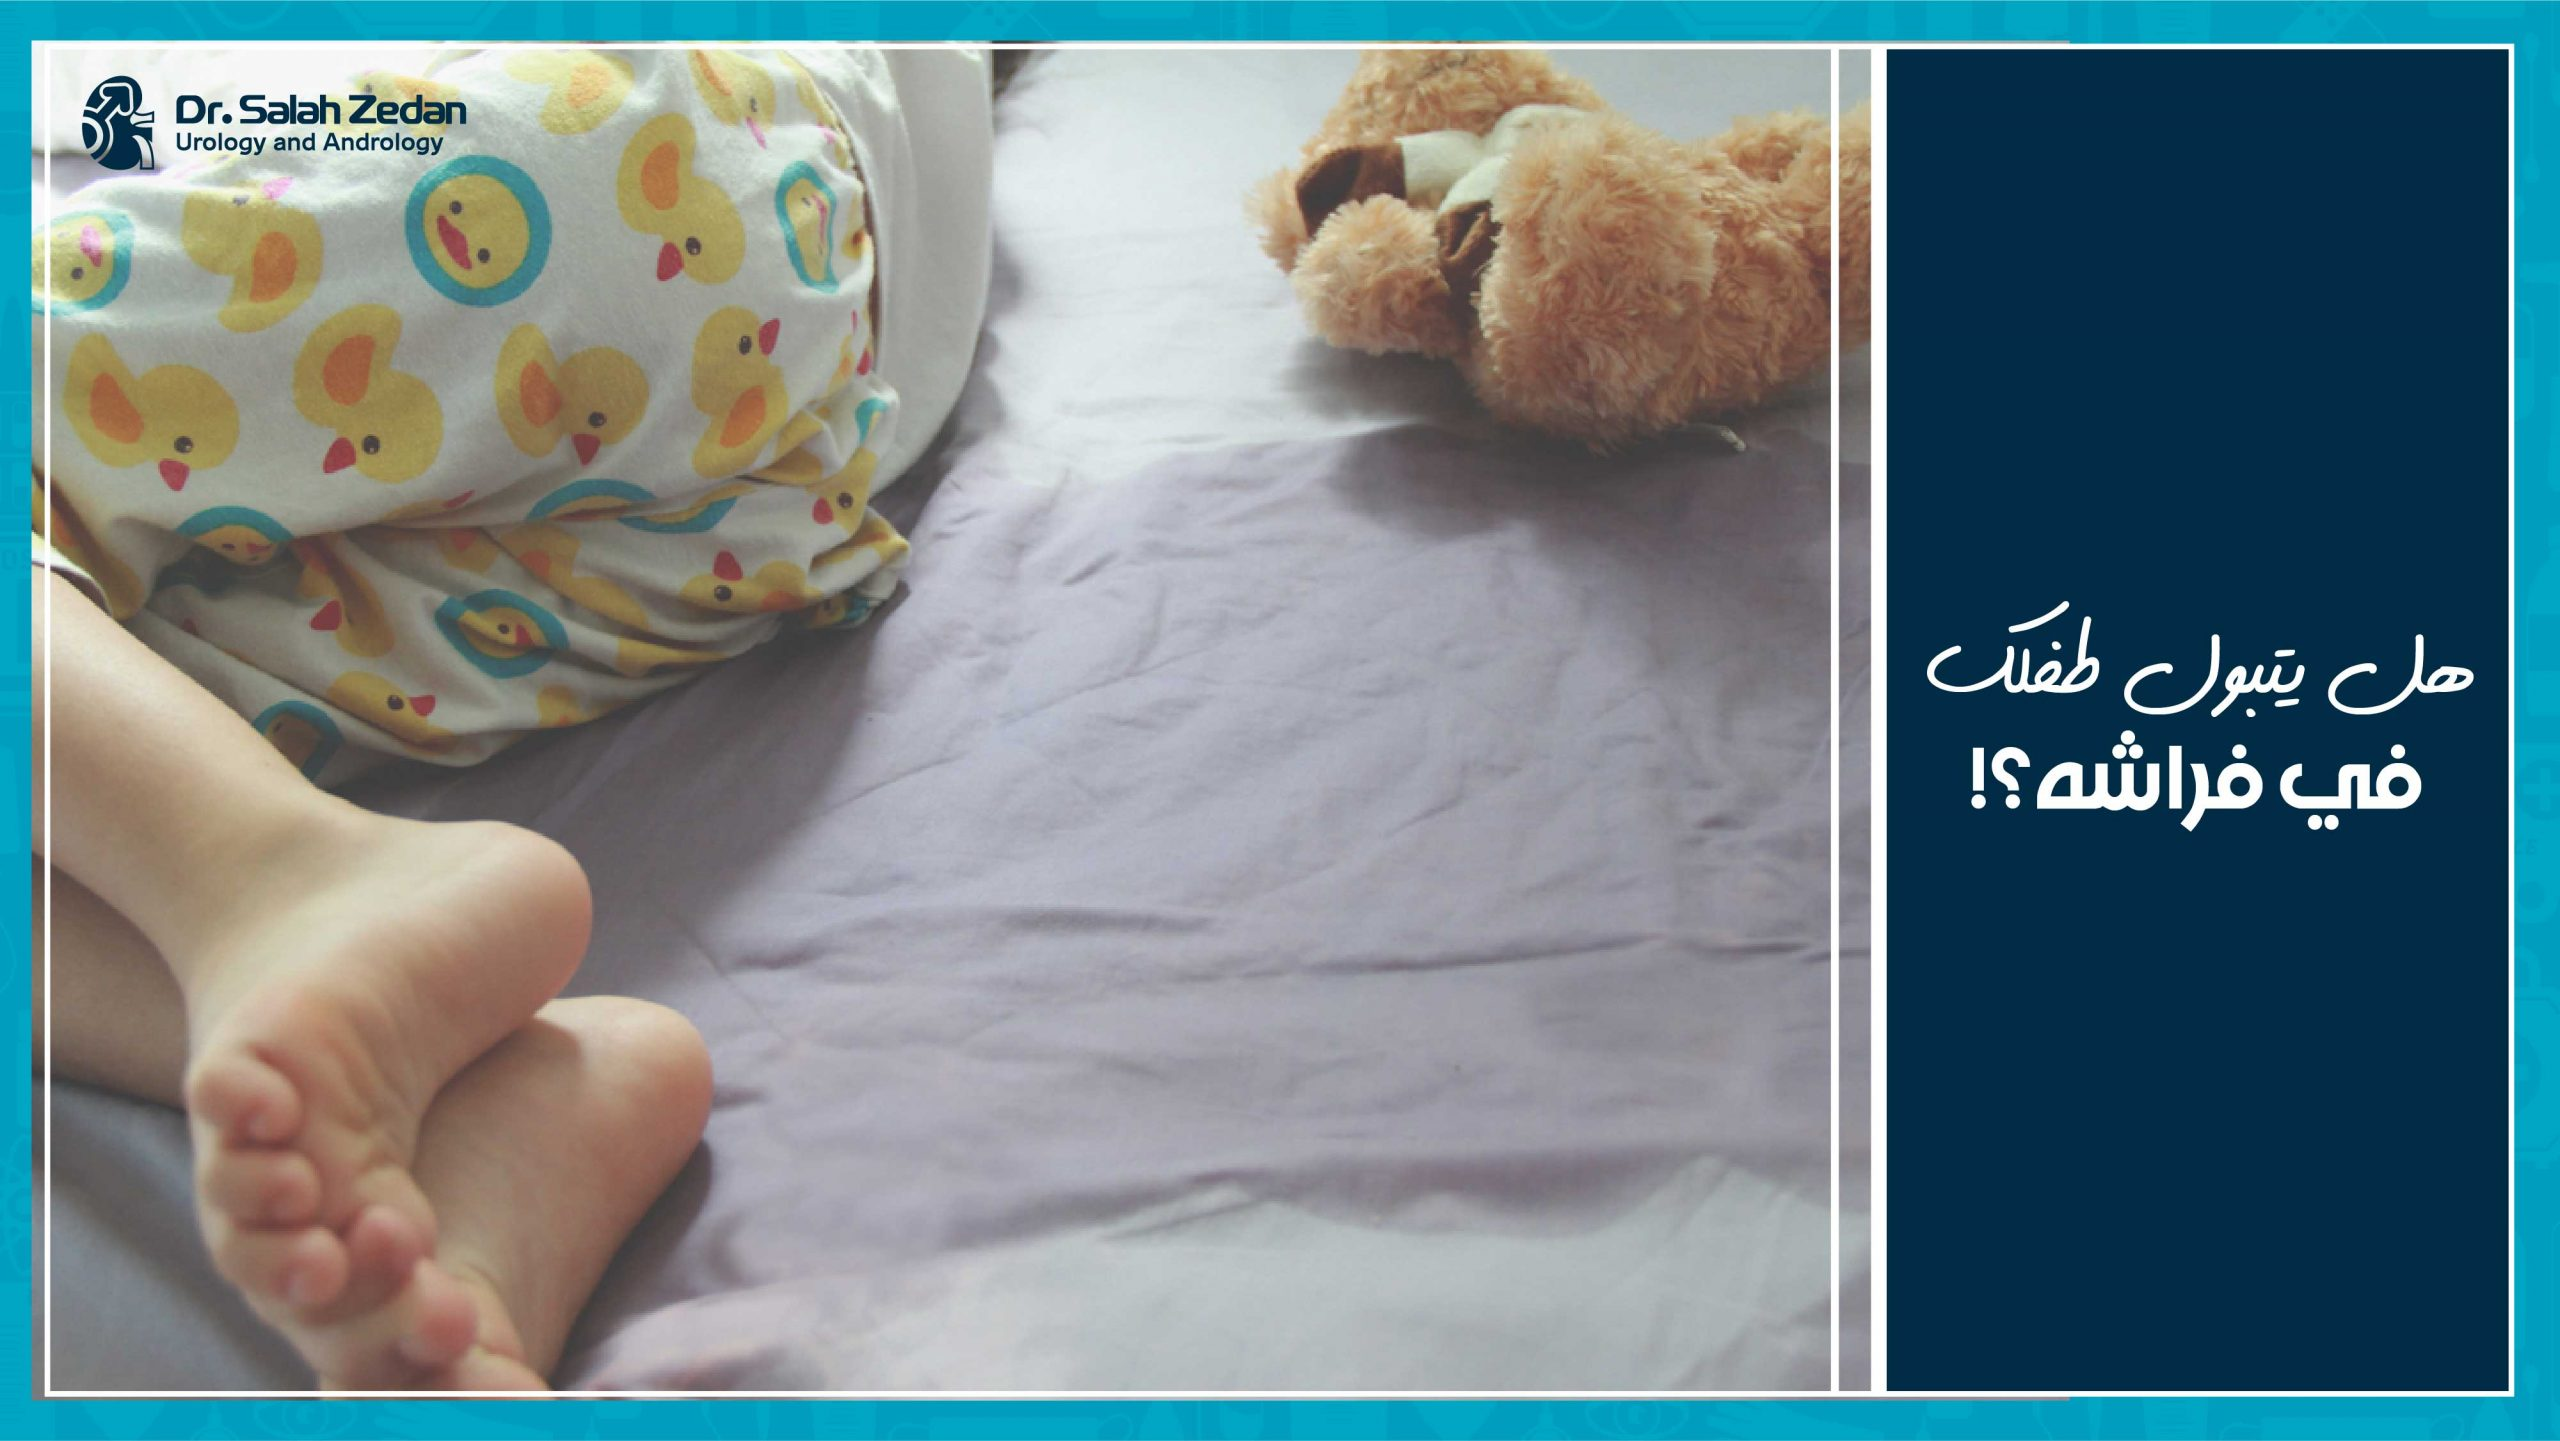 هل يتبول طفلك فى فراشه؟